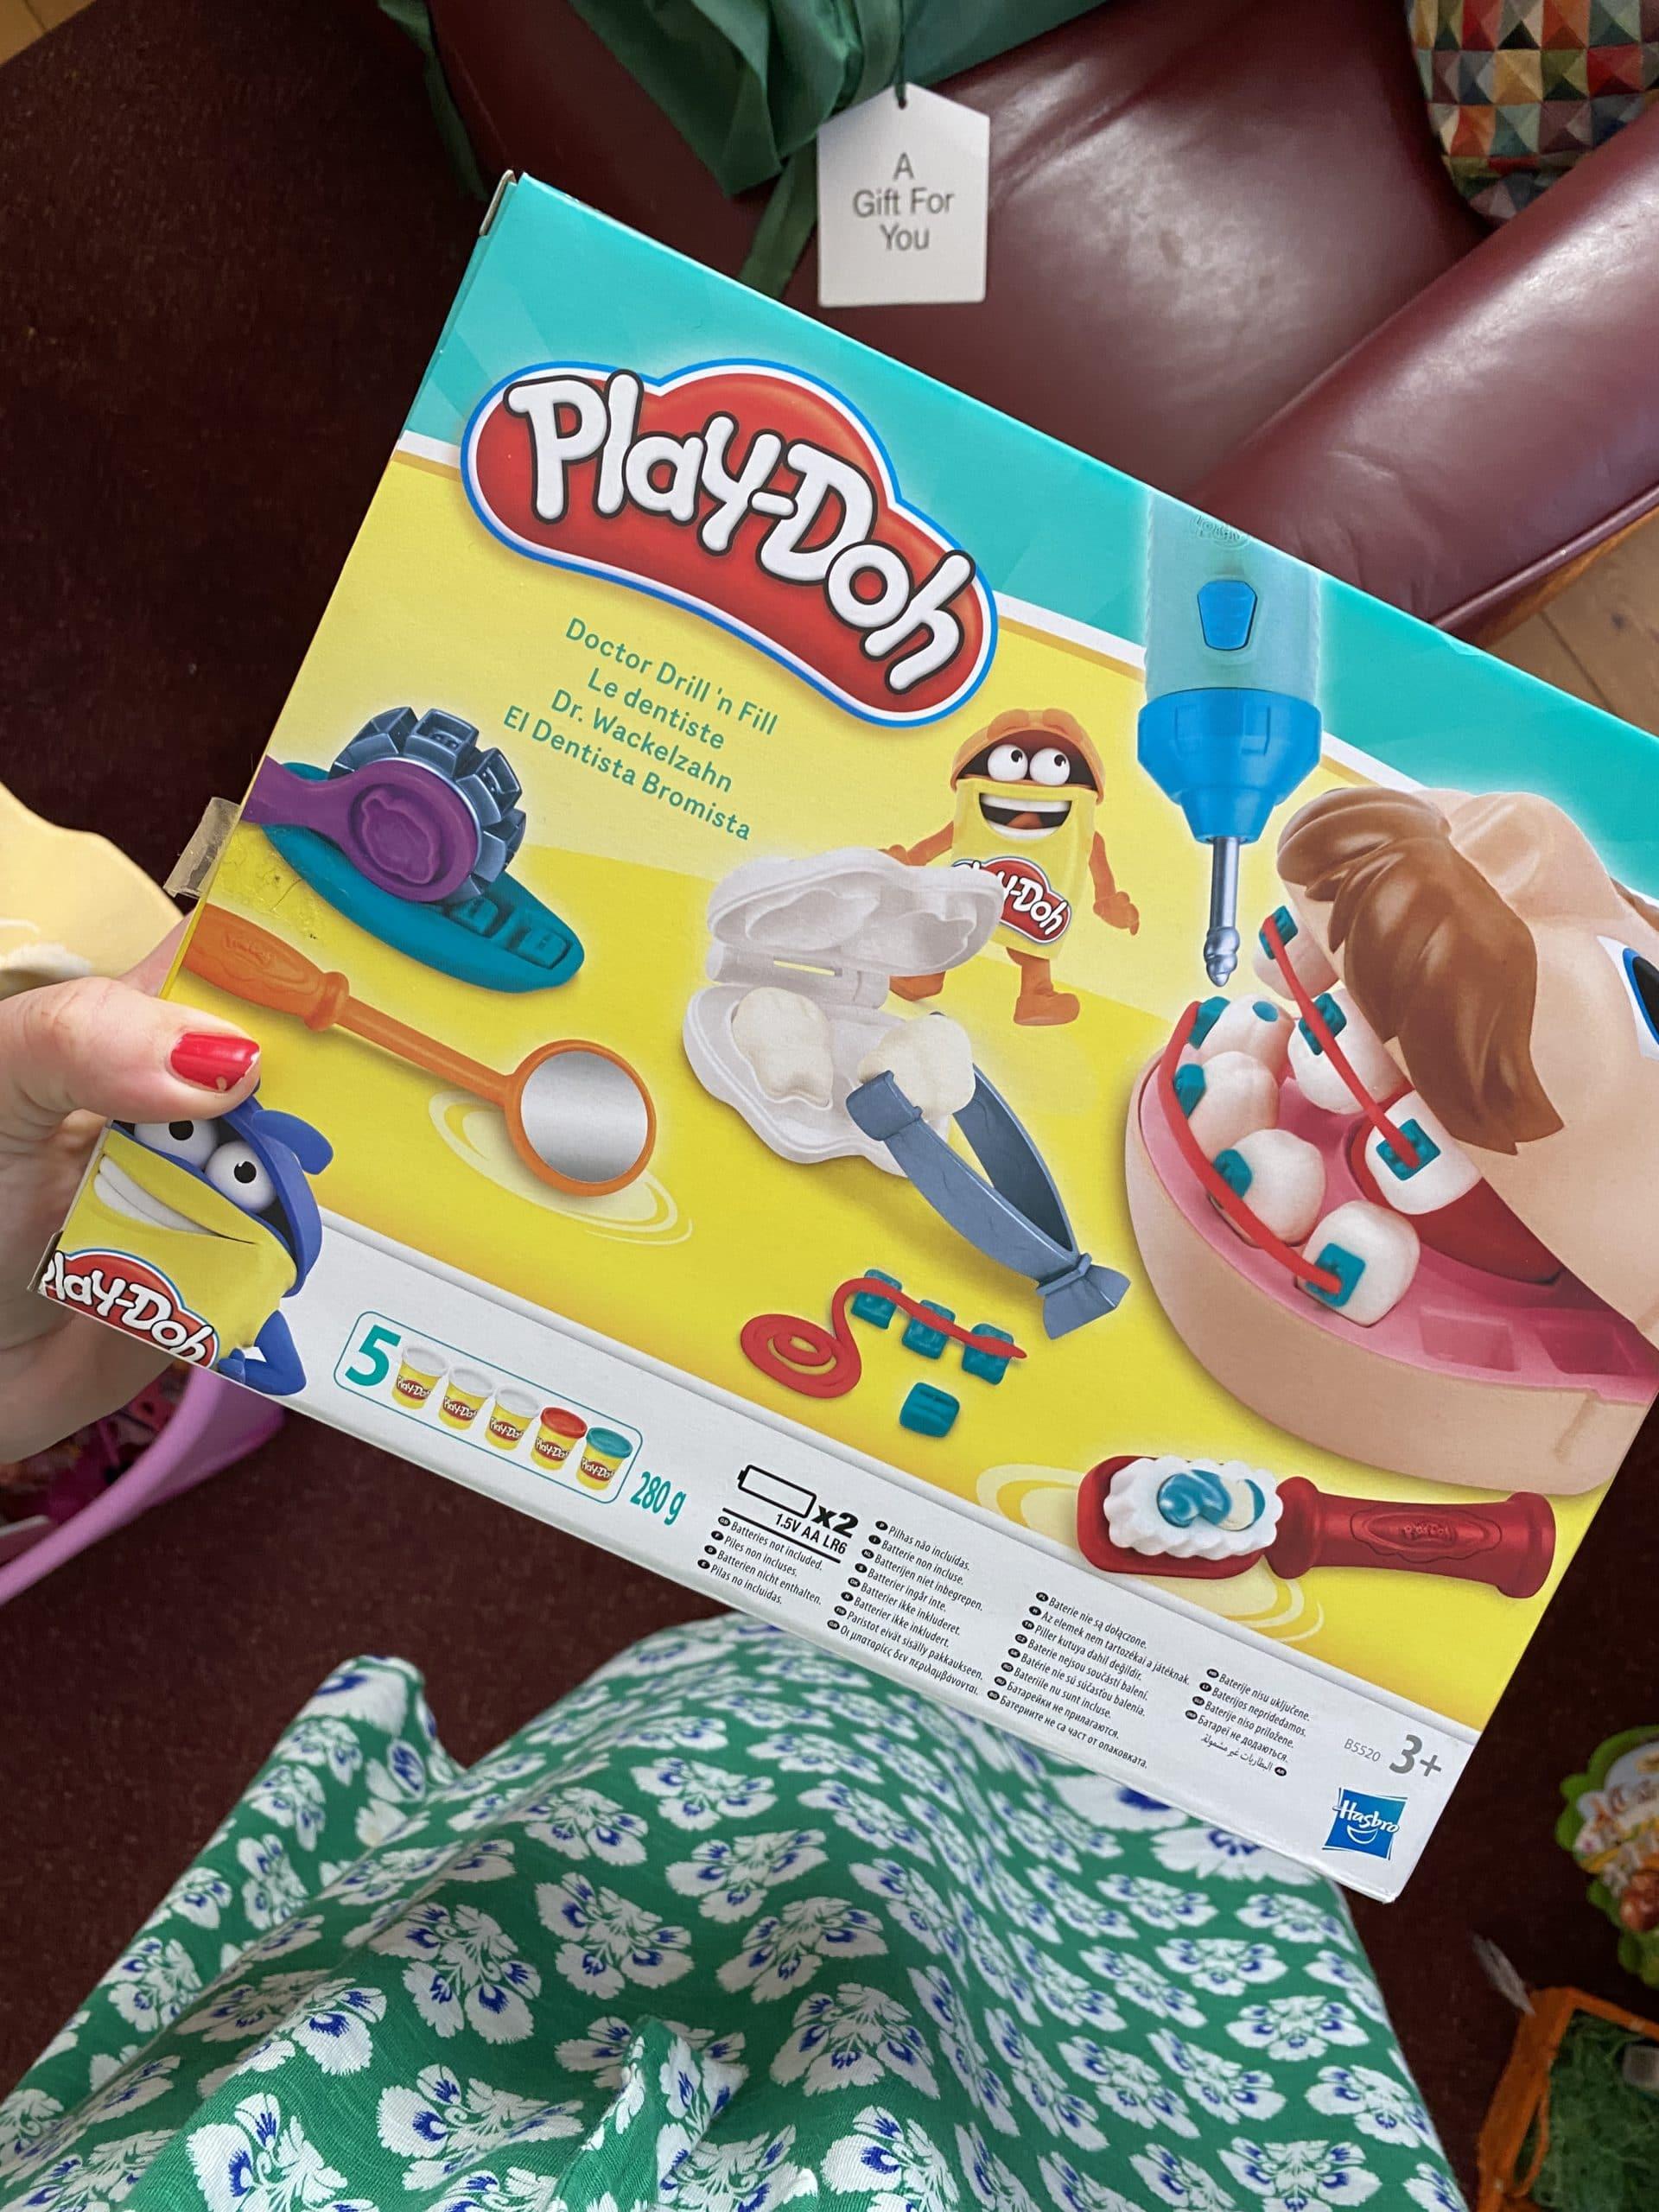 Am Abend verpacke ich das Ostergeschenk (in eine wiederverwendbaren Beutel). Ich hatte das nie als Kind, aber anscheinend ist das ein REnner?